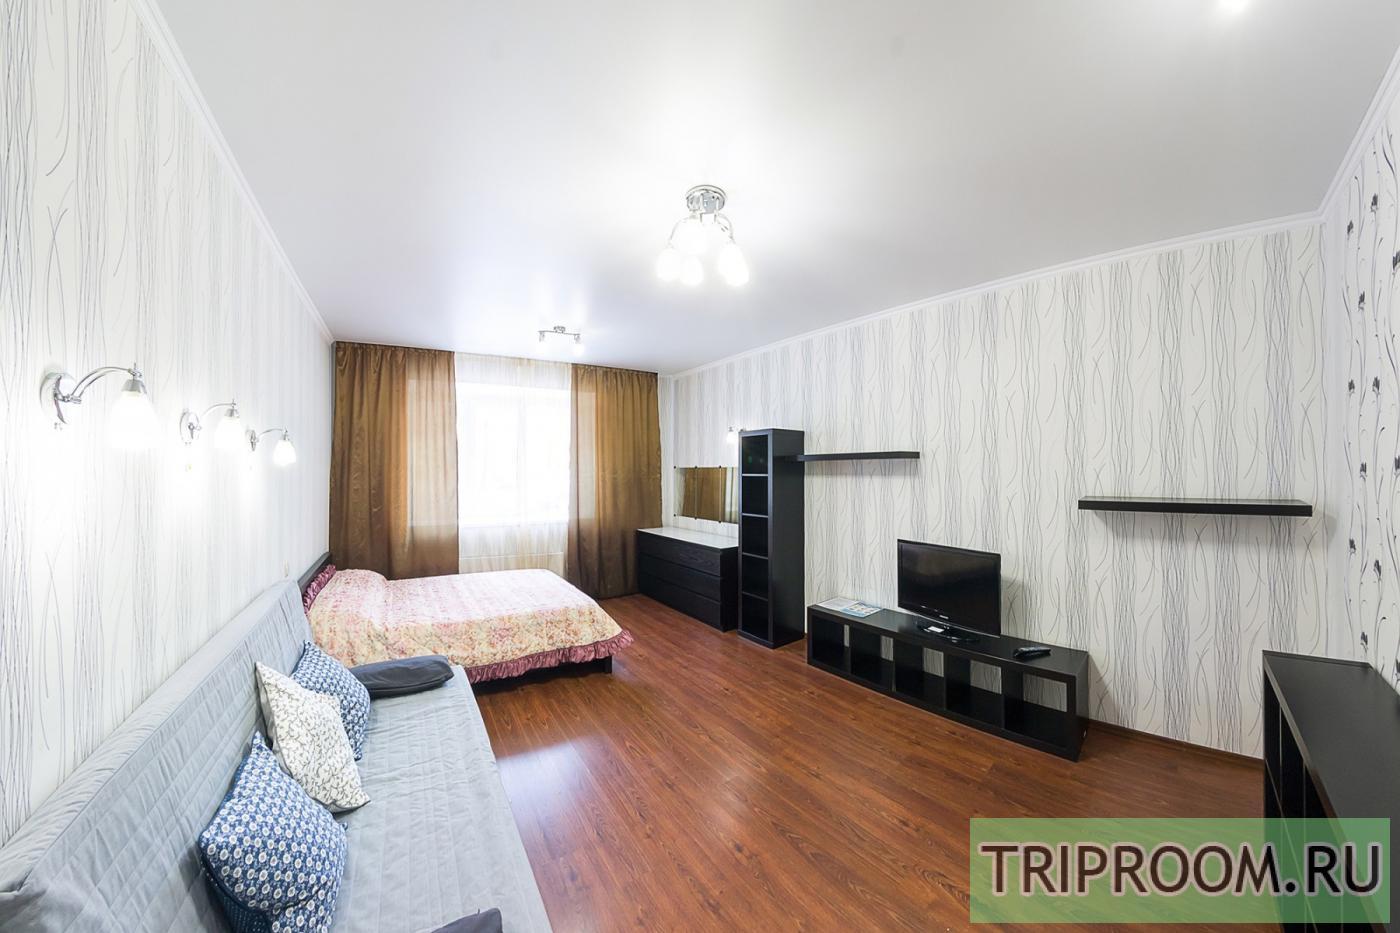 1-комнатная квартира посуточно (вариант № 33969), ул. Серафимовича улица, фото № 8